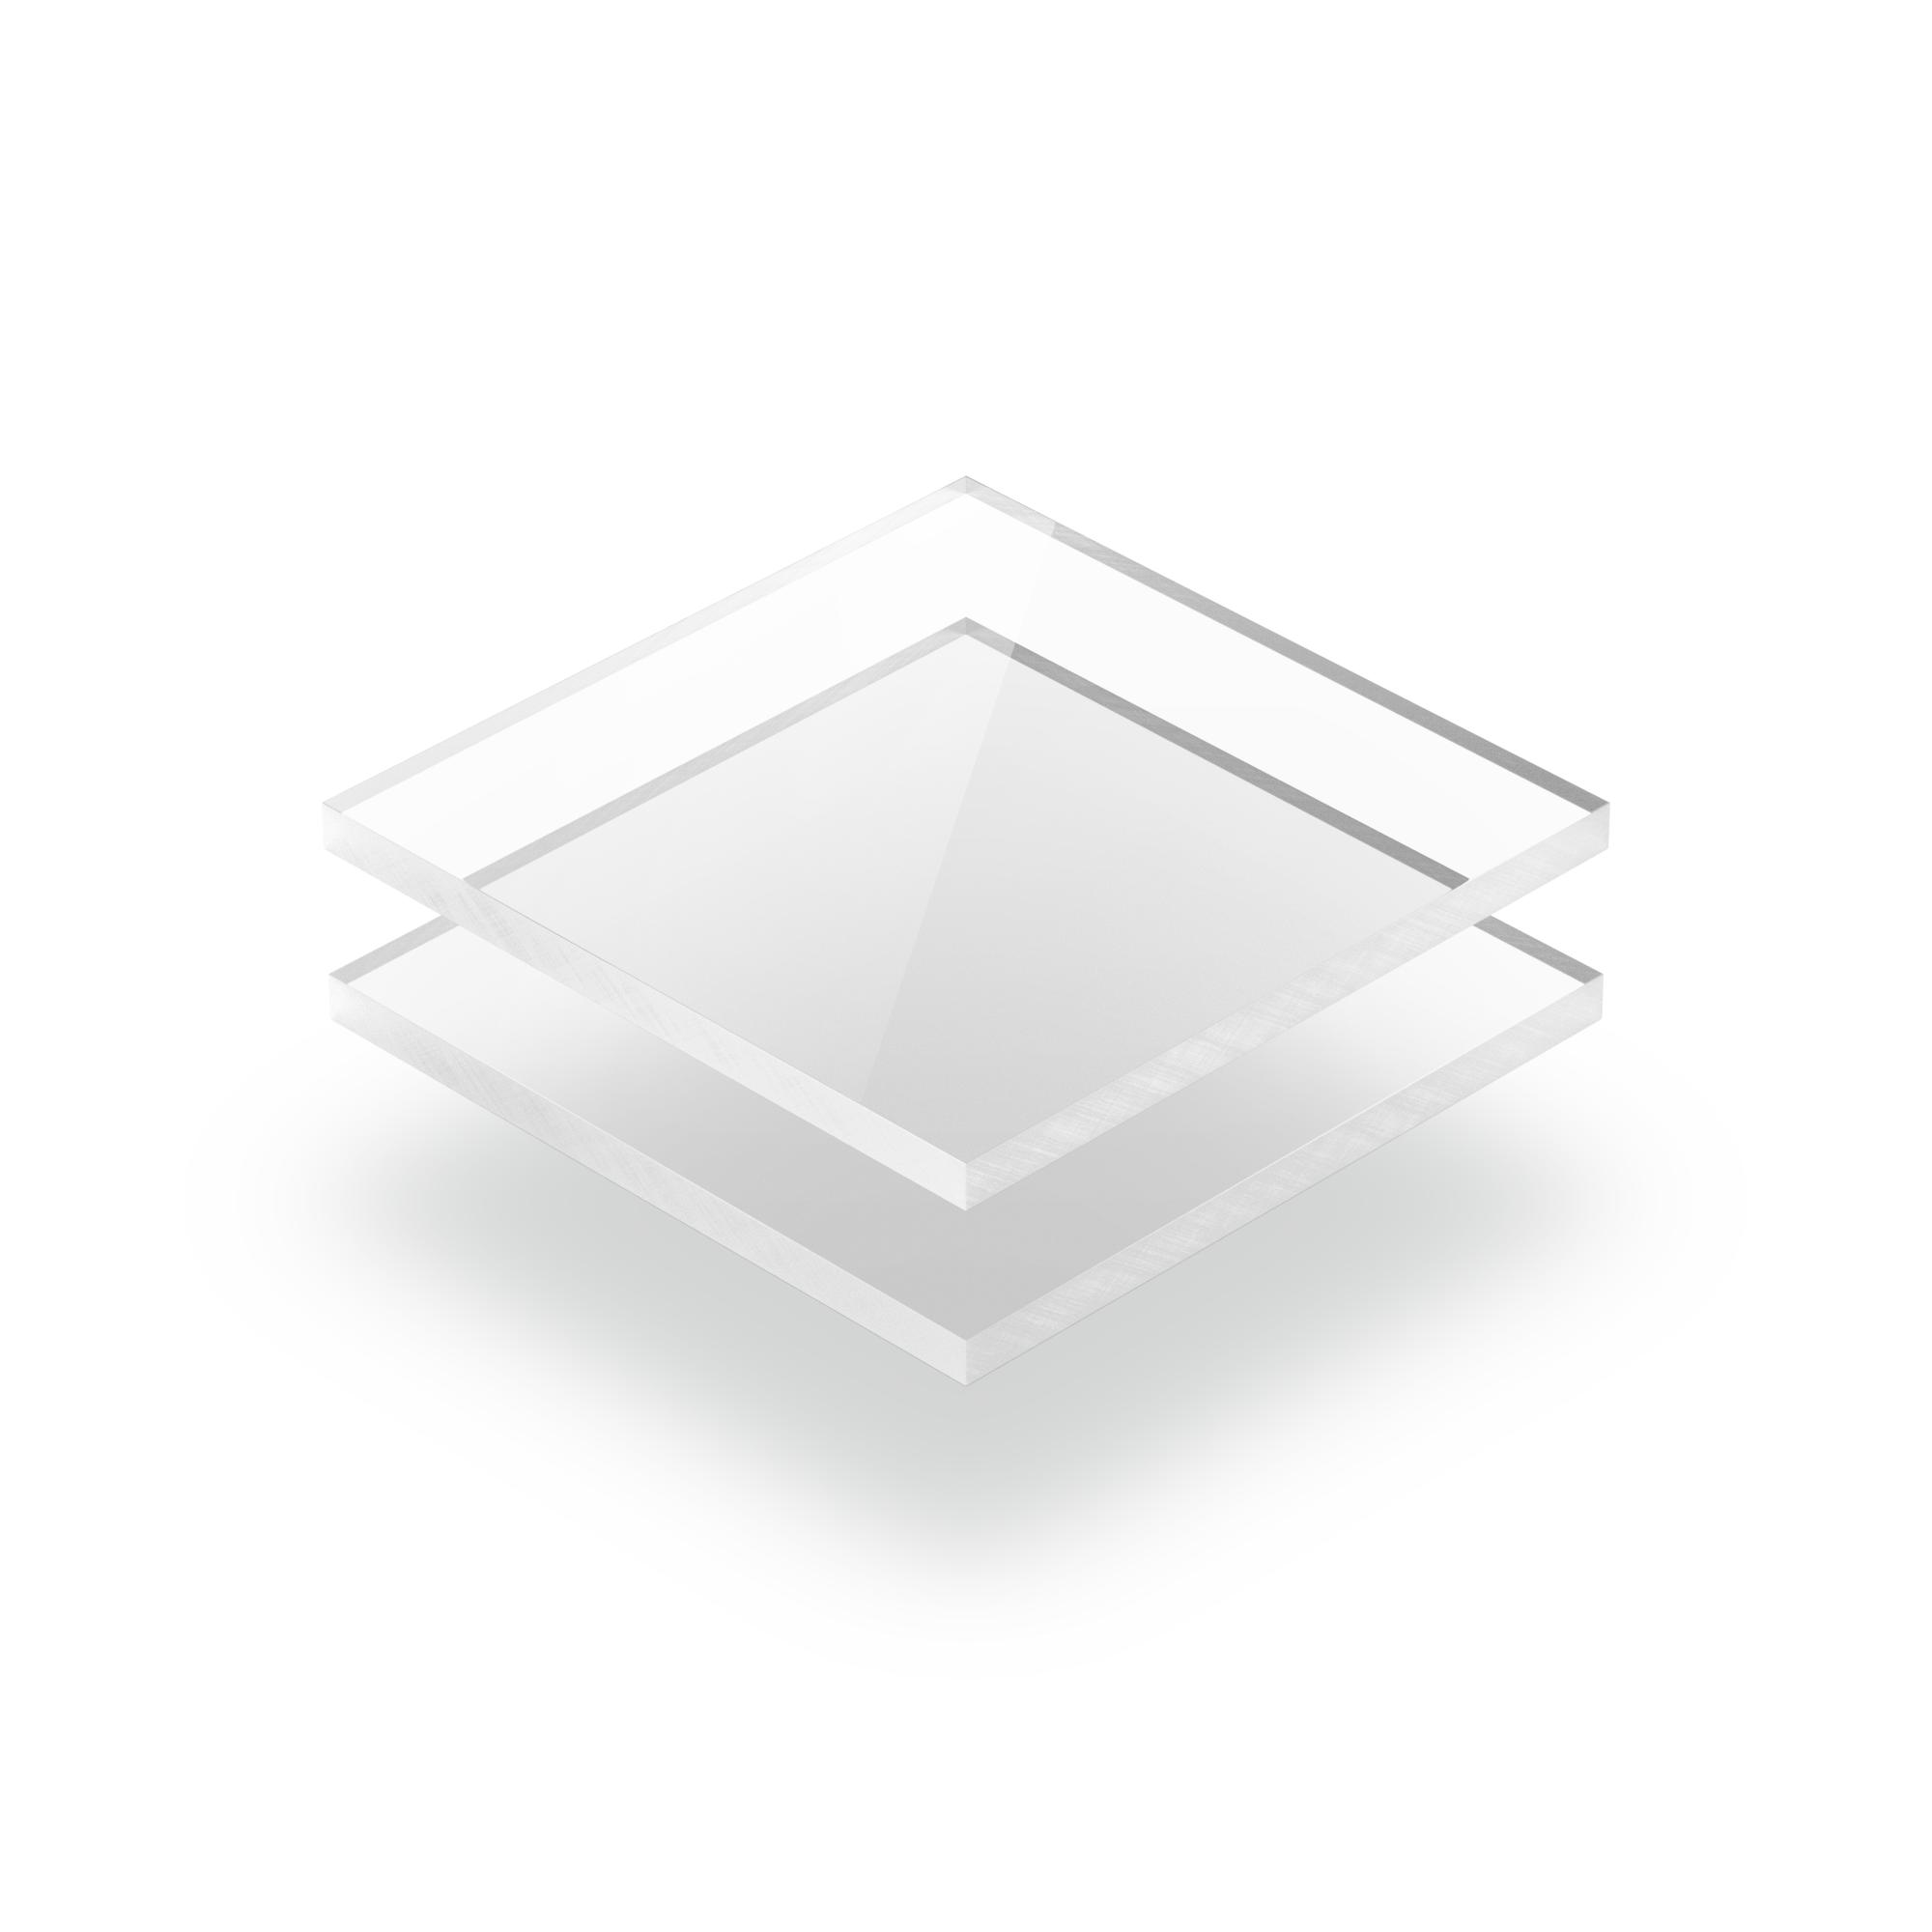 Uitzonderlijk Polycarbonaat plaat helder 3 MM - GRATIS op maat gezaagd YL27